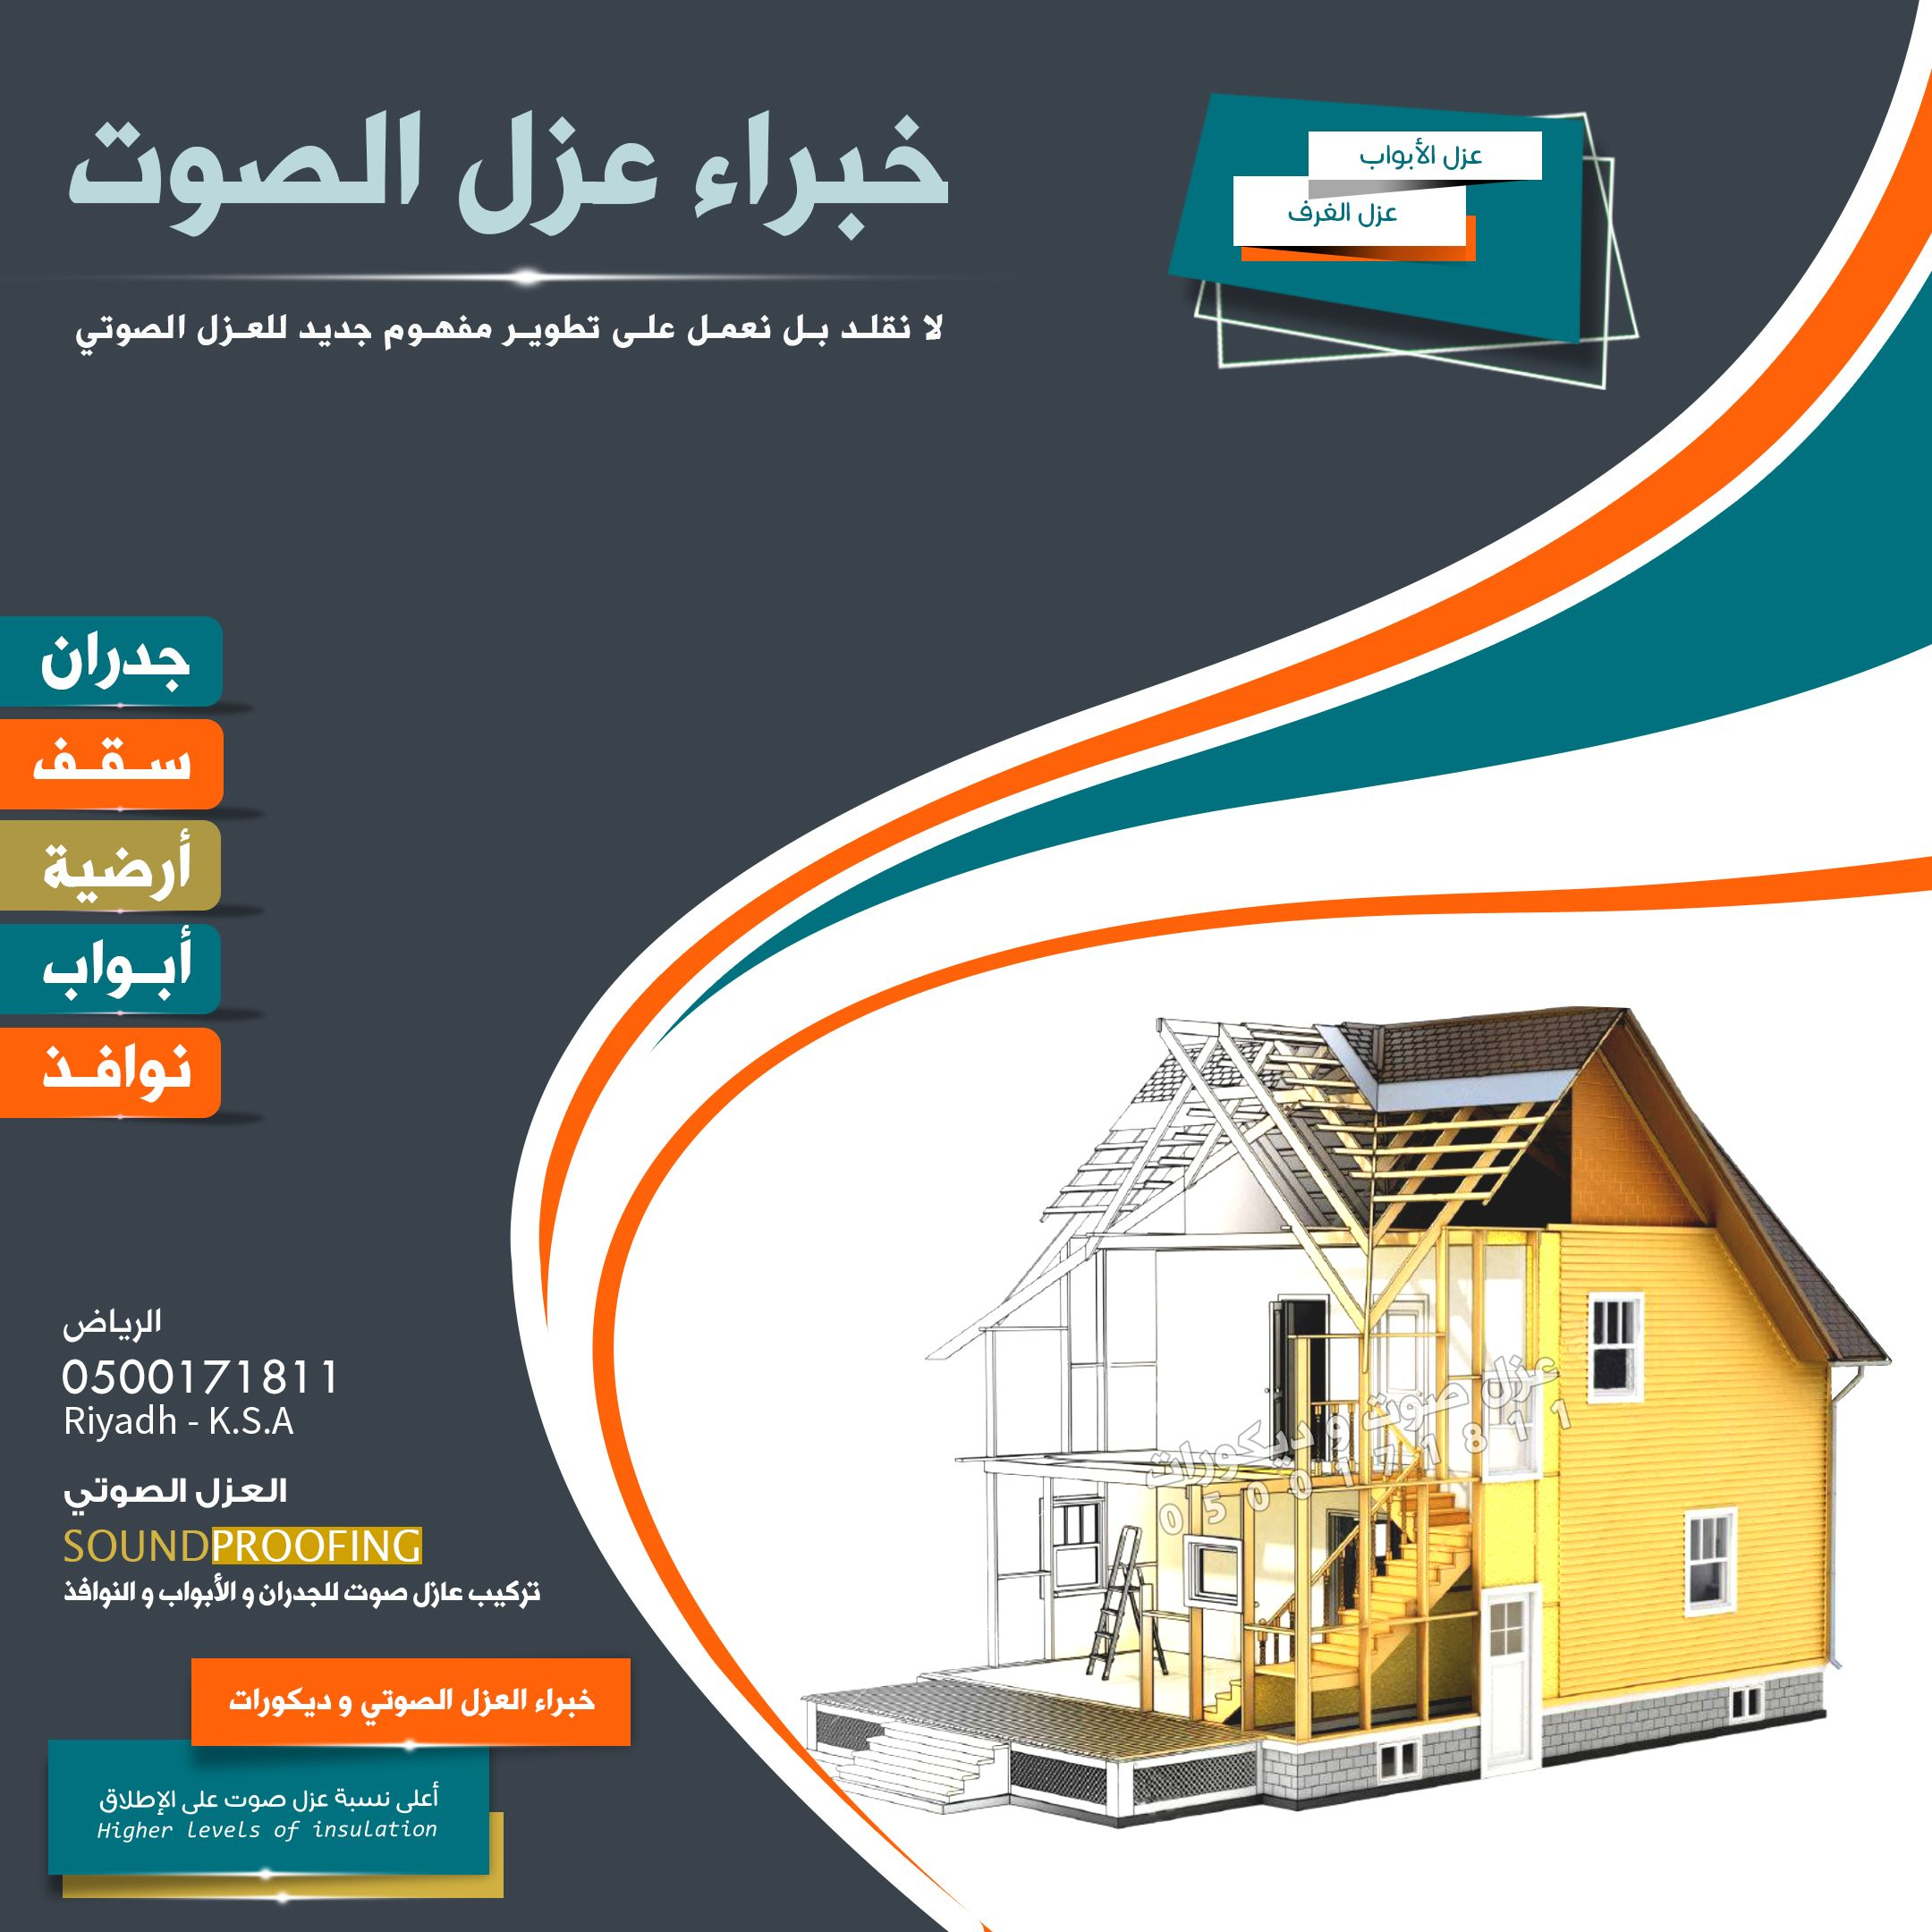 أفضل عازل للصوت لجدران الغرف و المباني عزل صوت داخلي و خارجي عزل صوت الجدران في المباني مع عزل الأبواب و النوافذ و كتم الص Sound Proofing Riyadh Map Screenshot